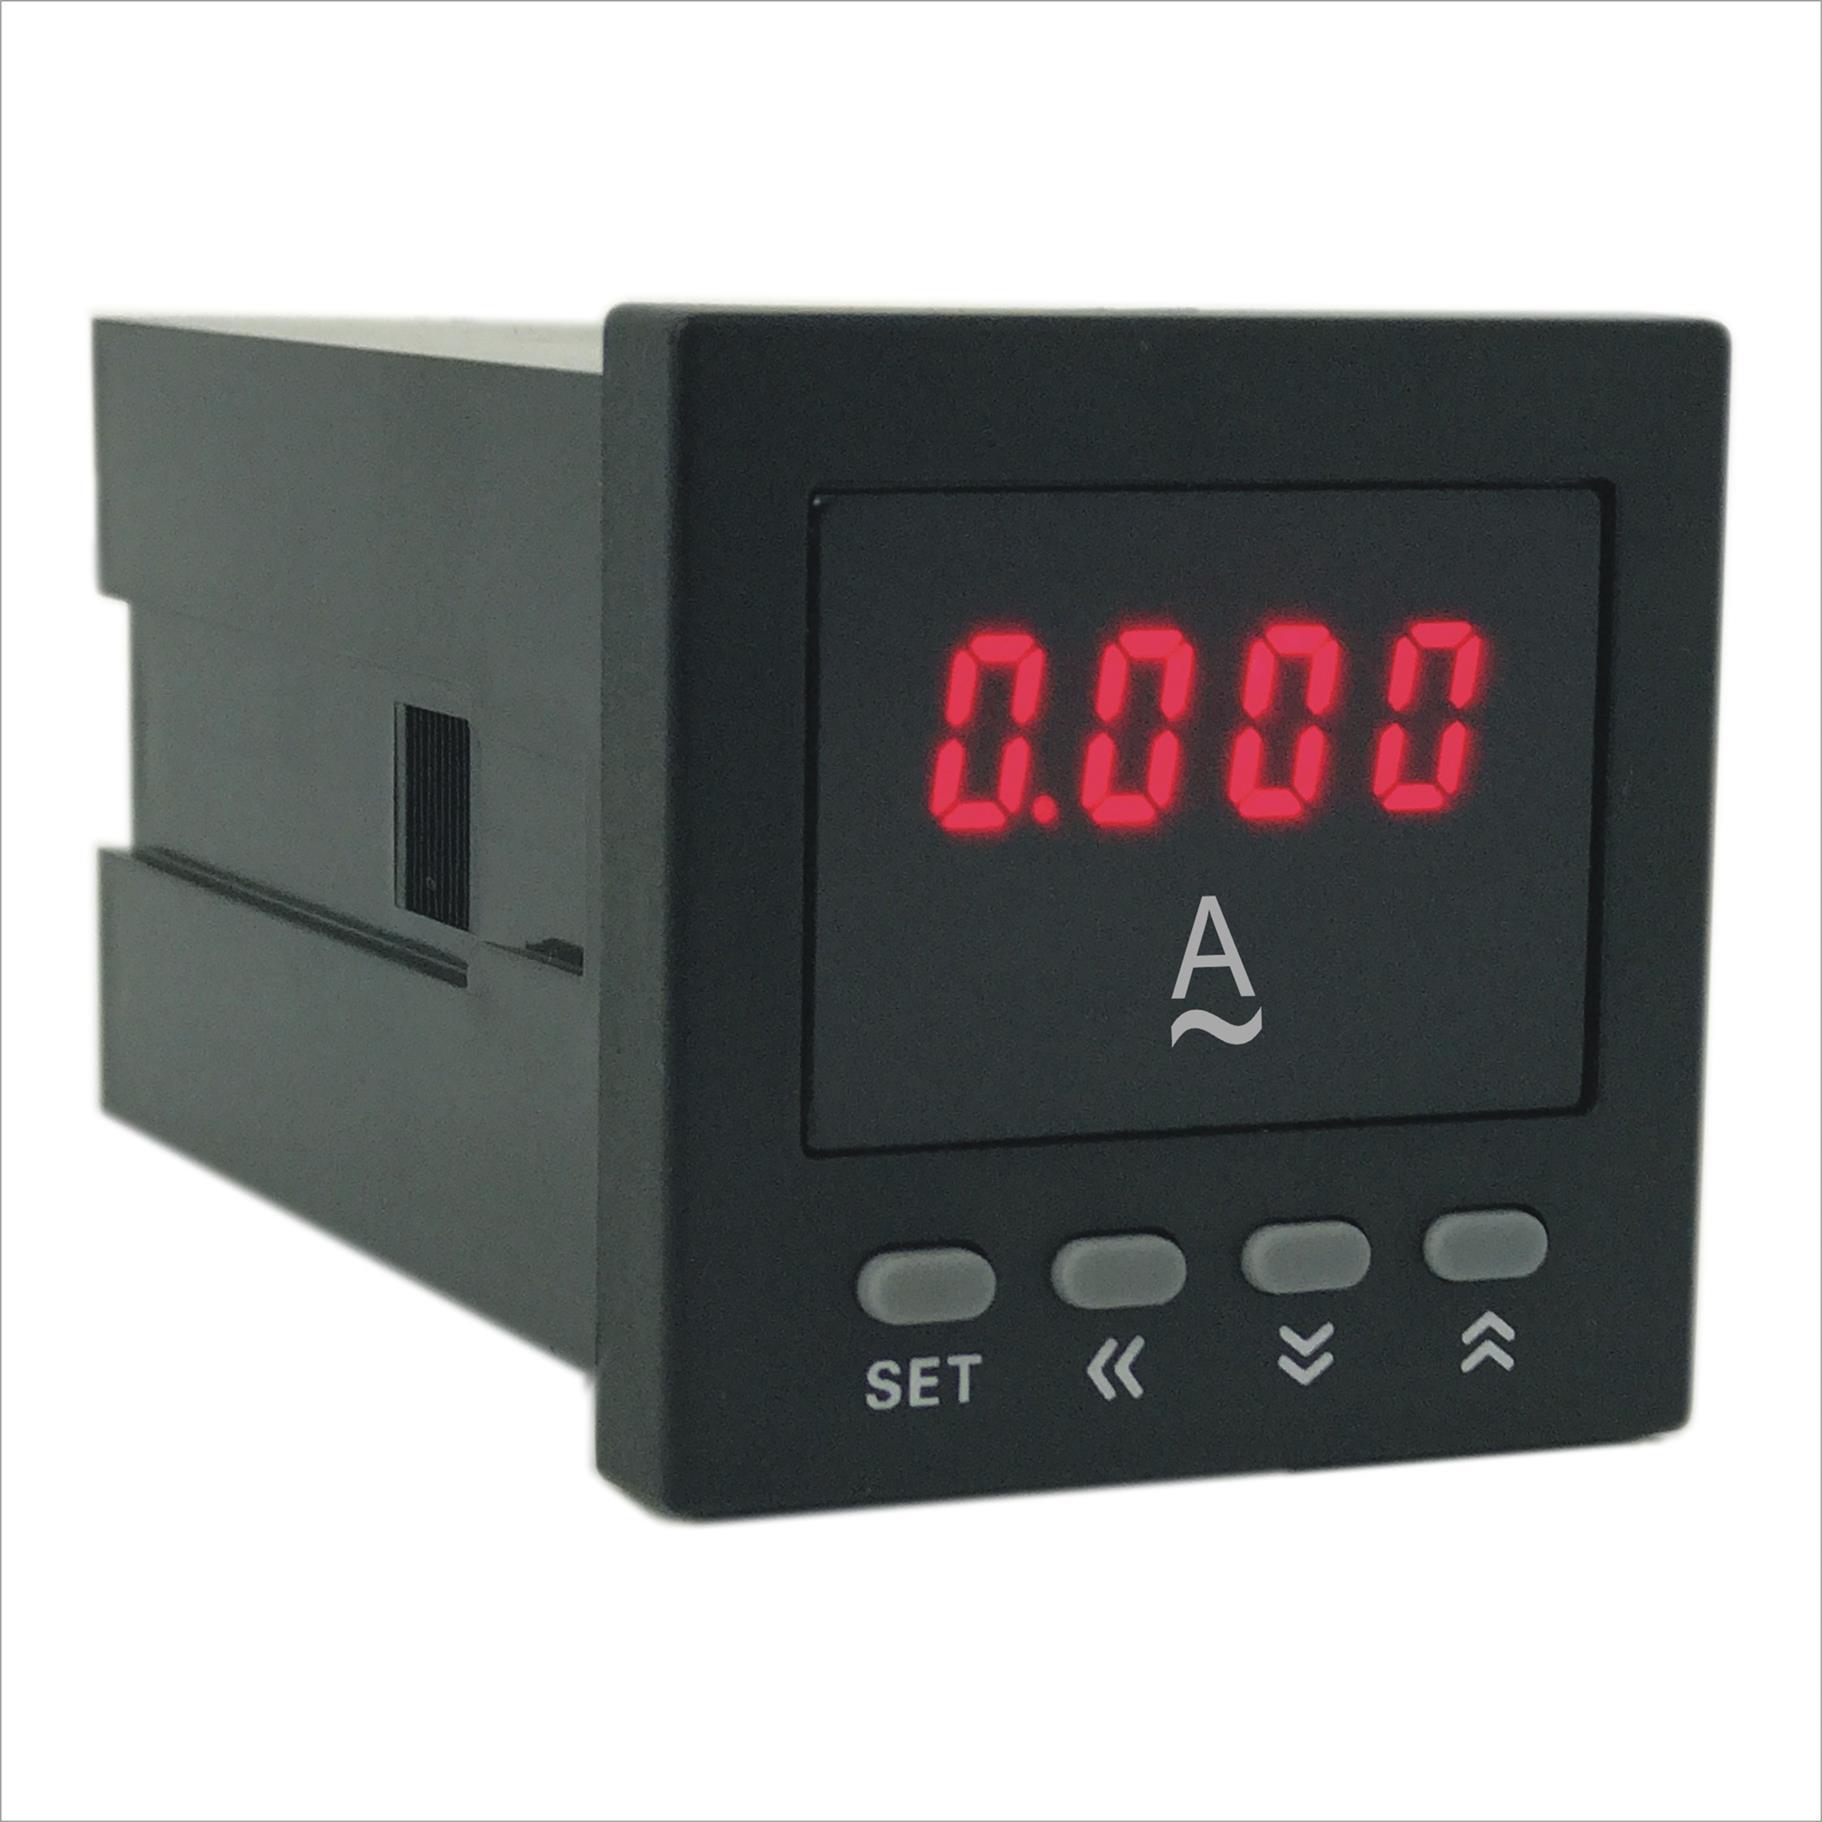 奥宾AOB184I-3X1数显电流表生产厂家 配置灵活 专业生产数字仪表